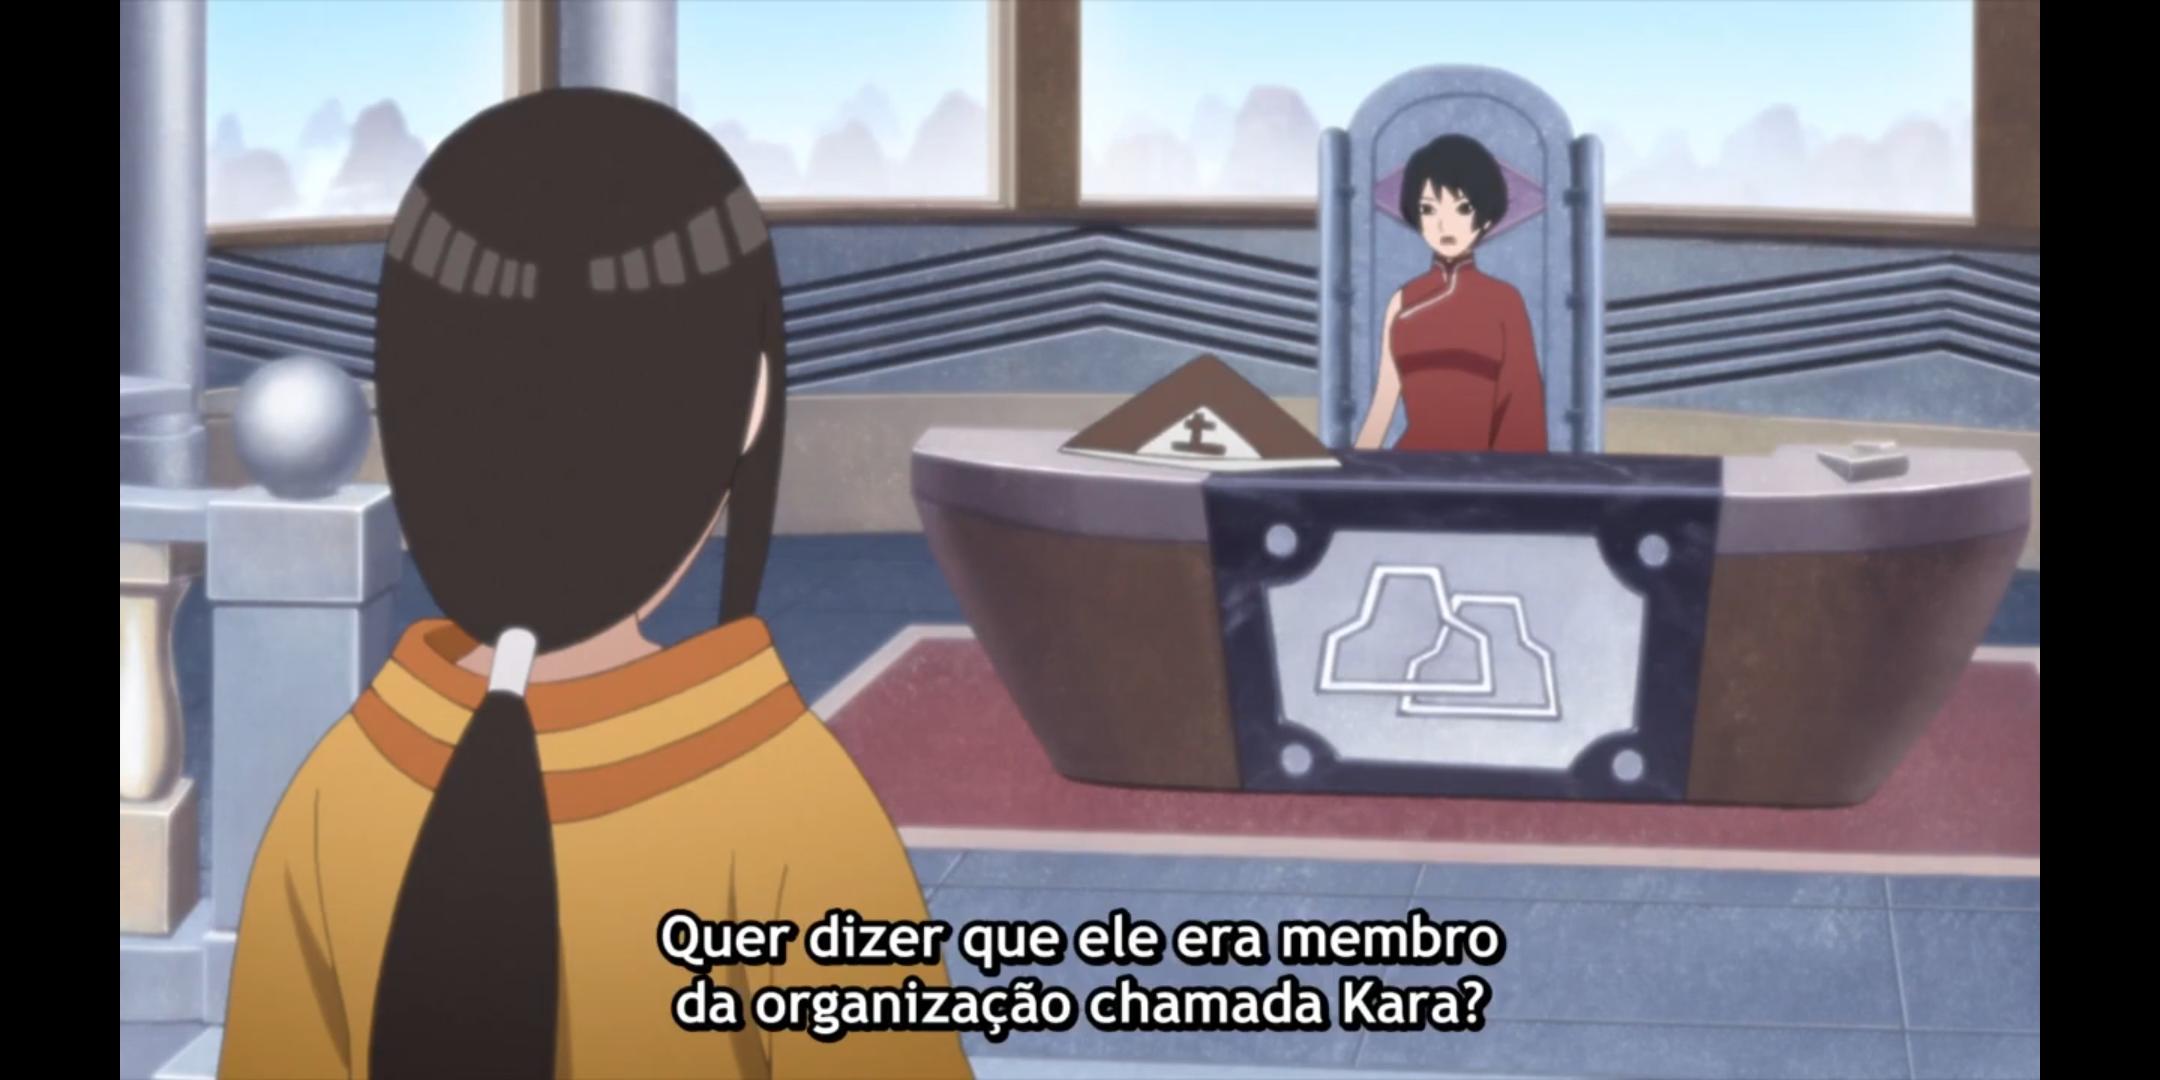 Episódio 176 de Boruto - Quarta Tsuchikage e Hanabi Hyuuga